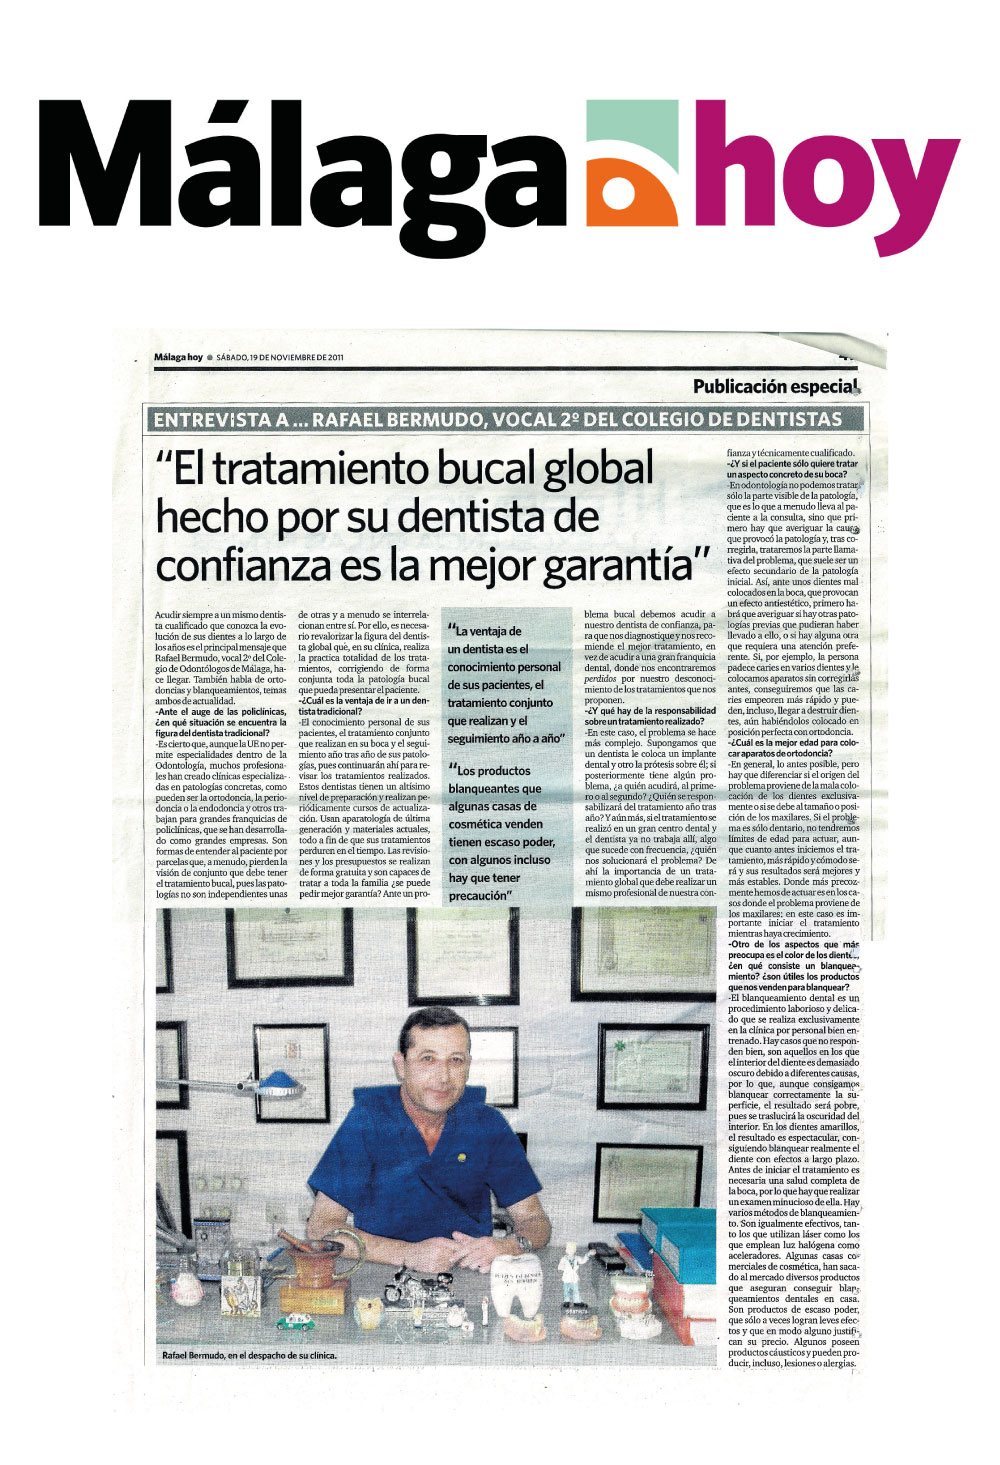 prensa_malagahoy